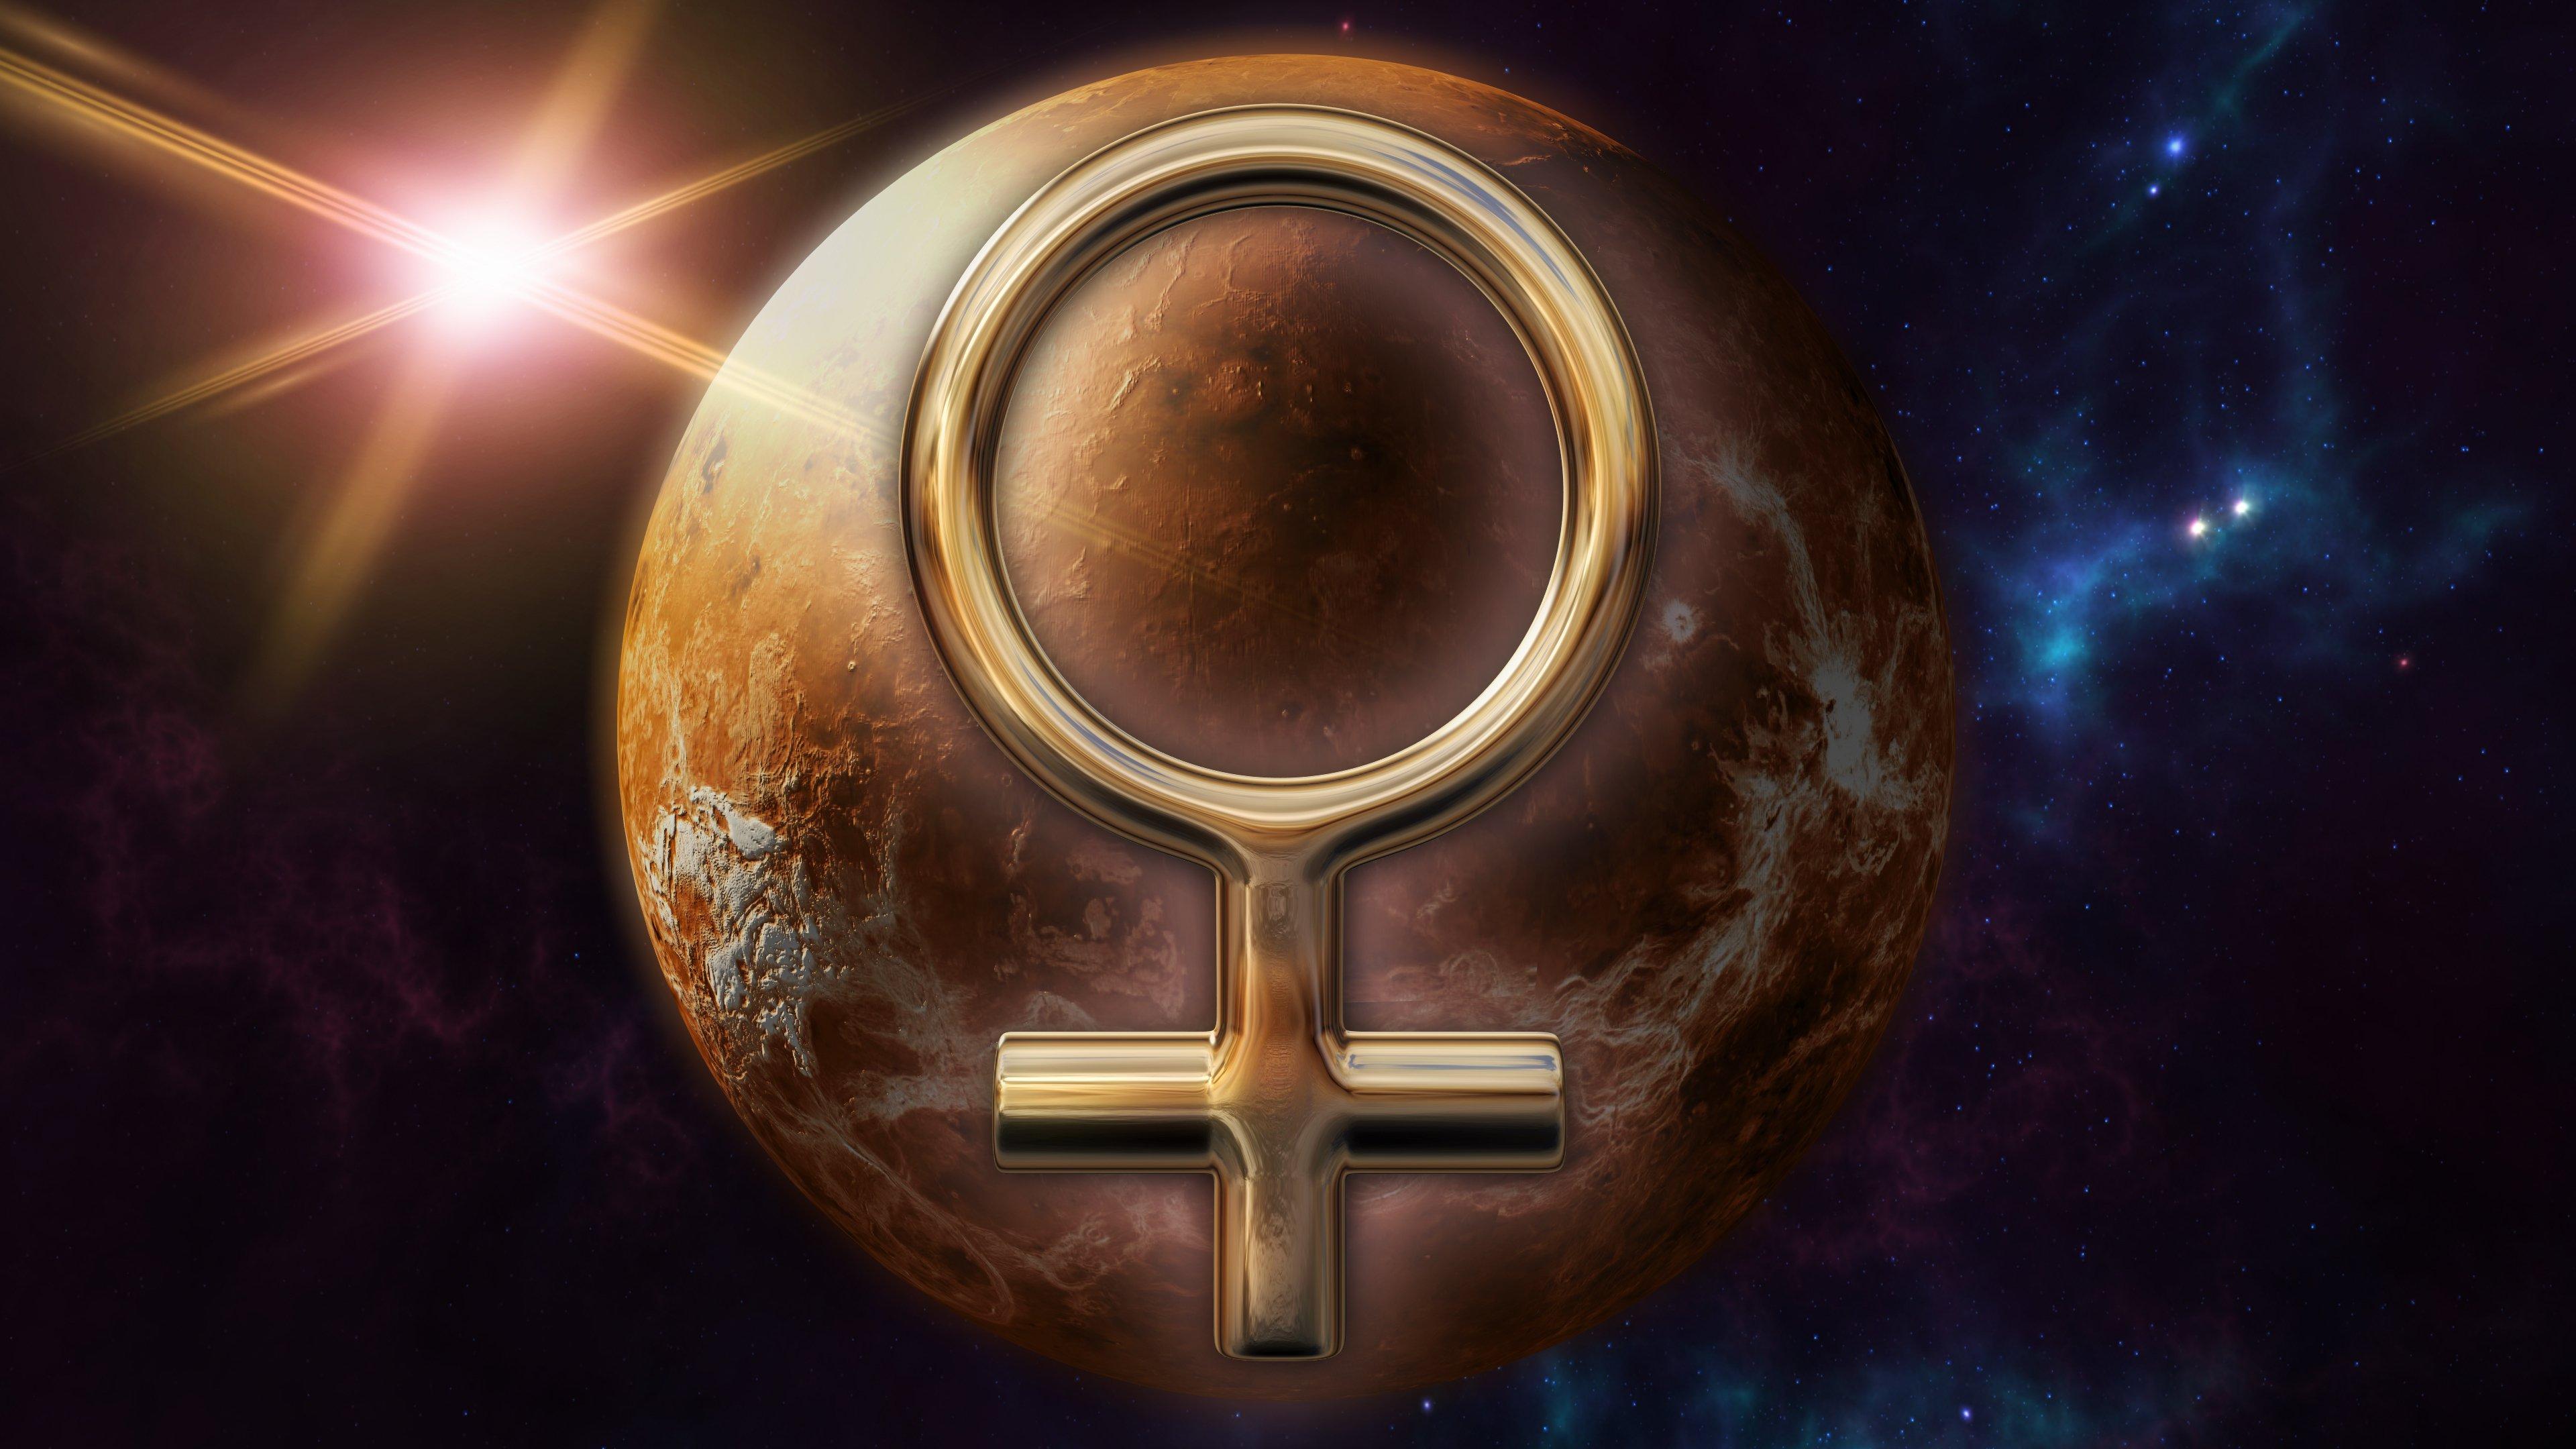 Símbolo zodiacal y planeta de Venus || Fuente: Shutterstock